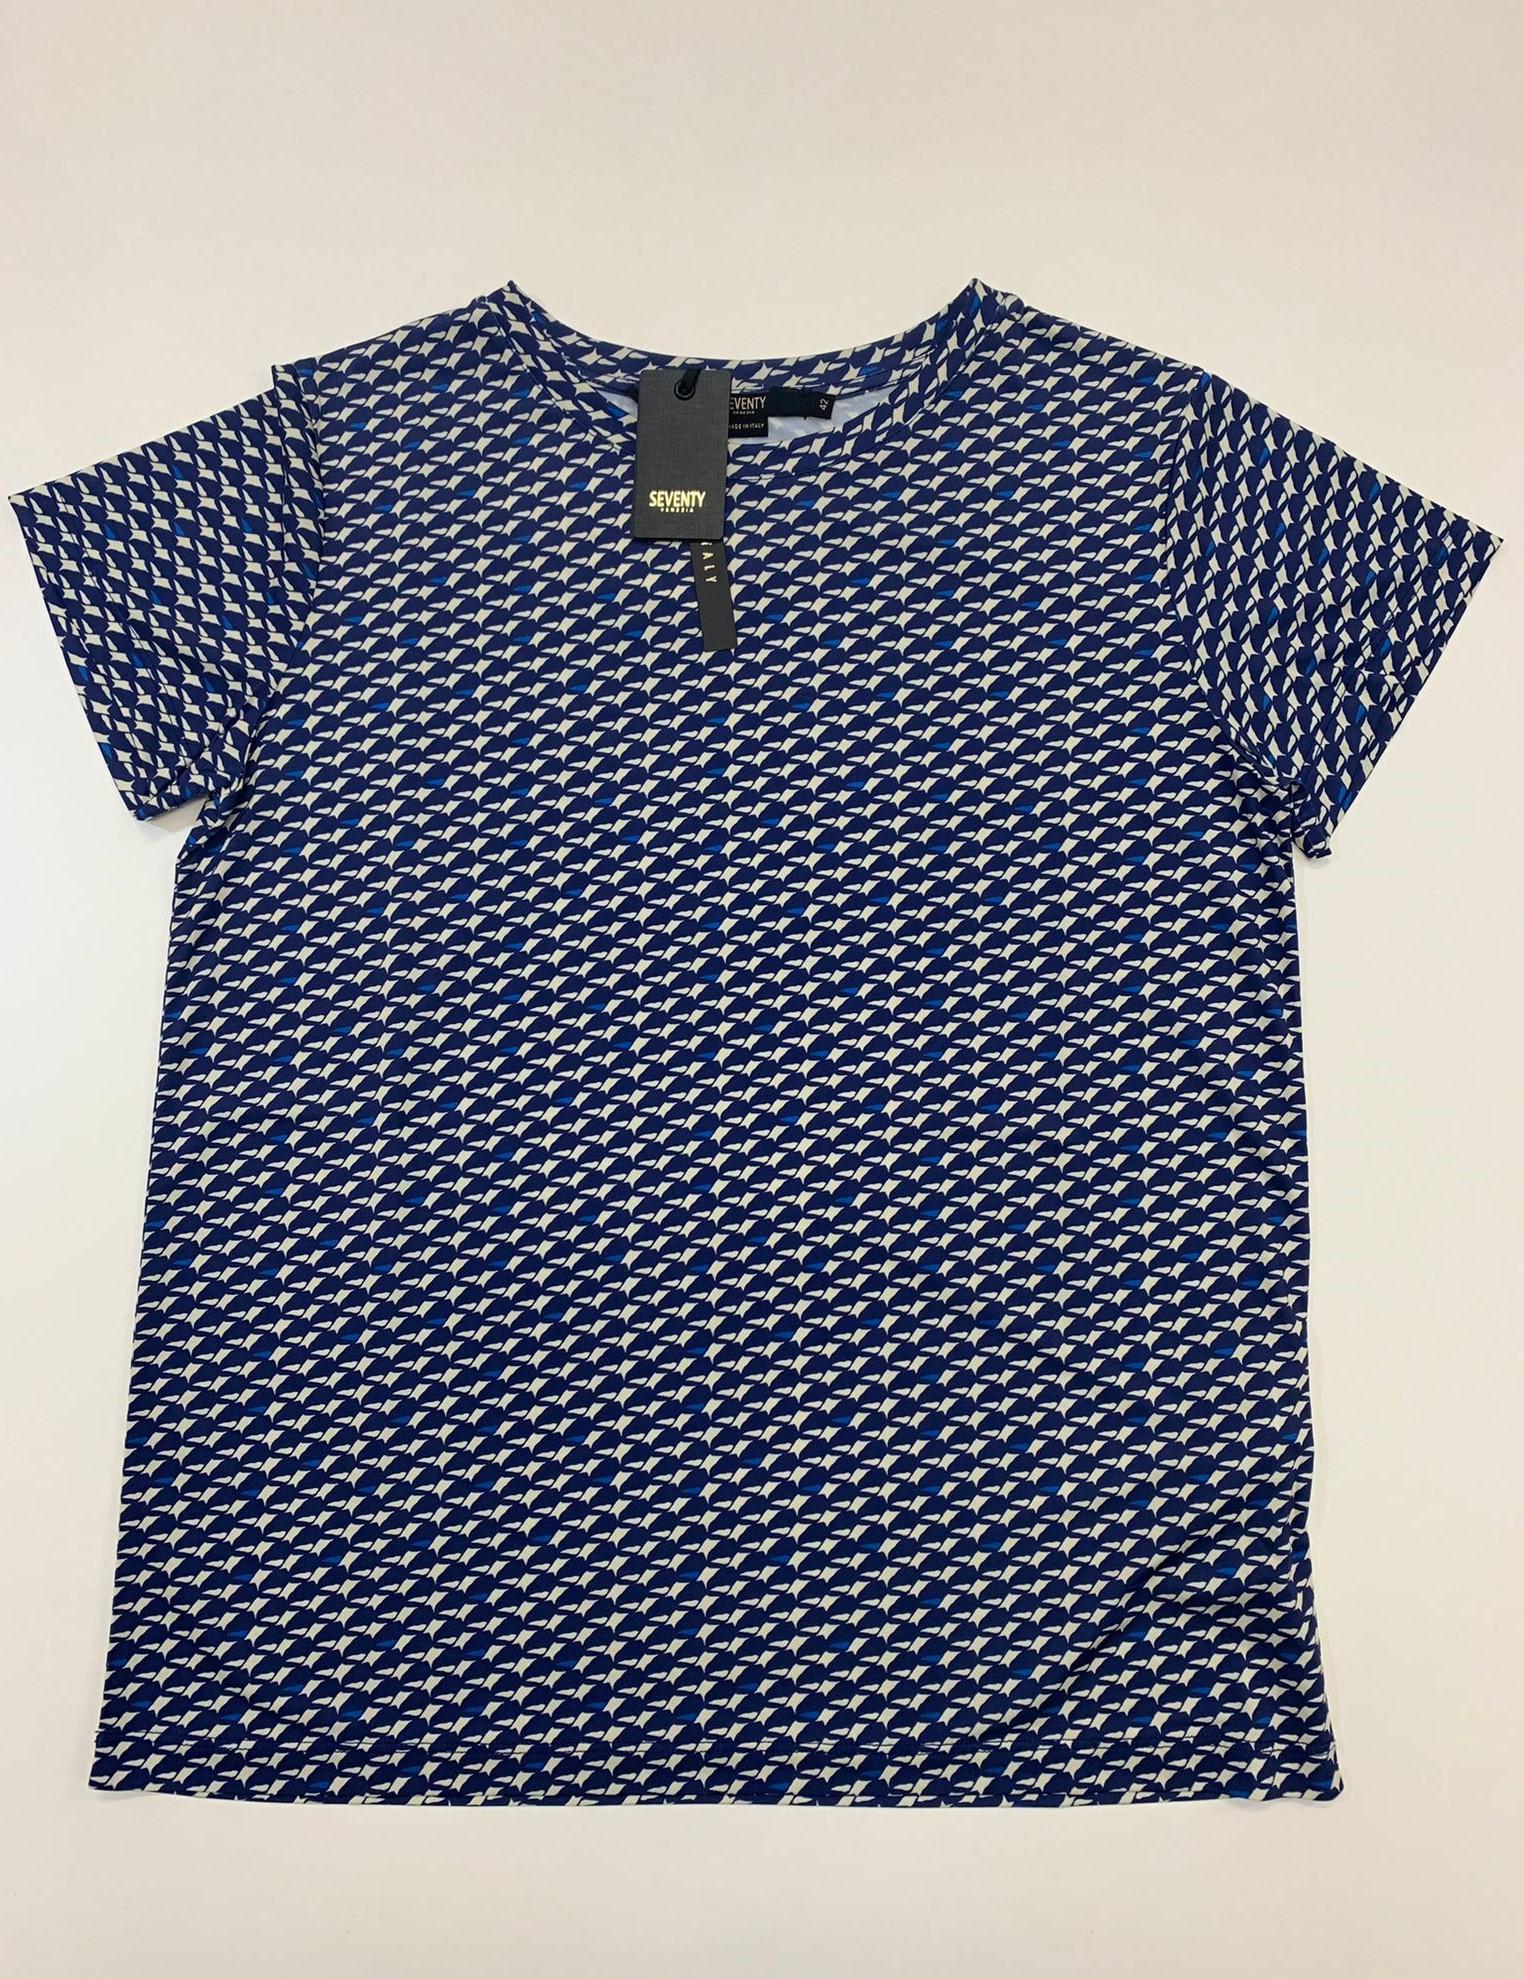 T-Shirt Seventy in Jersey Blu